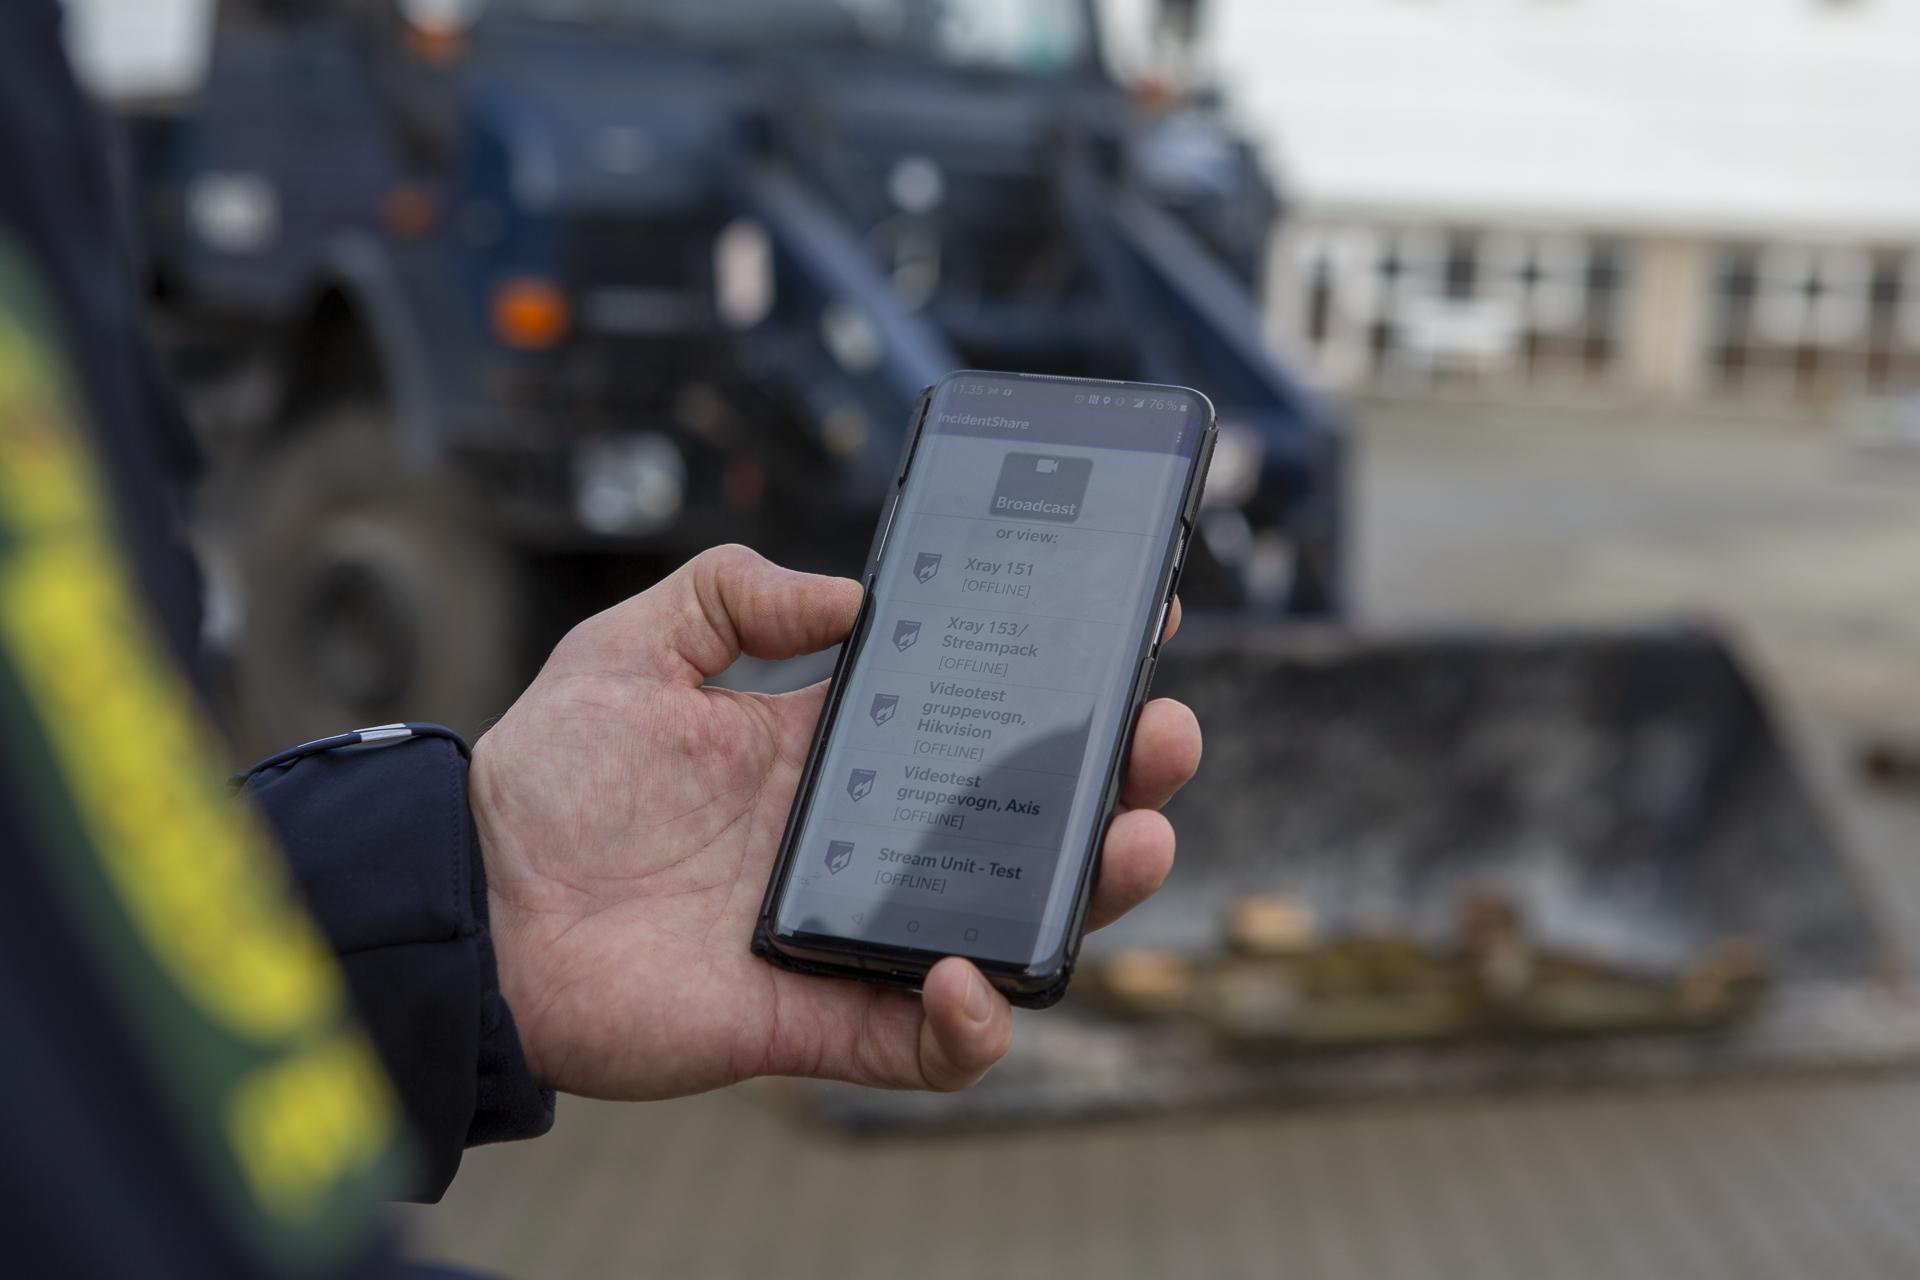 Politimand med mobiltelefon under uroligheder